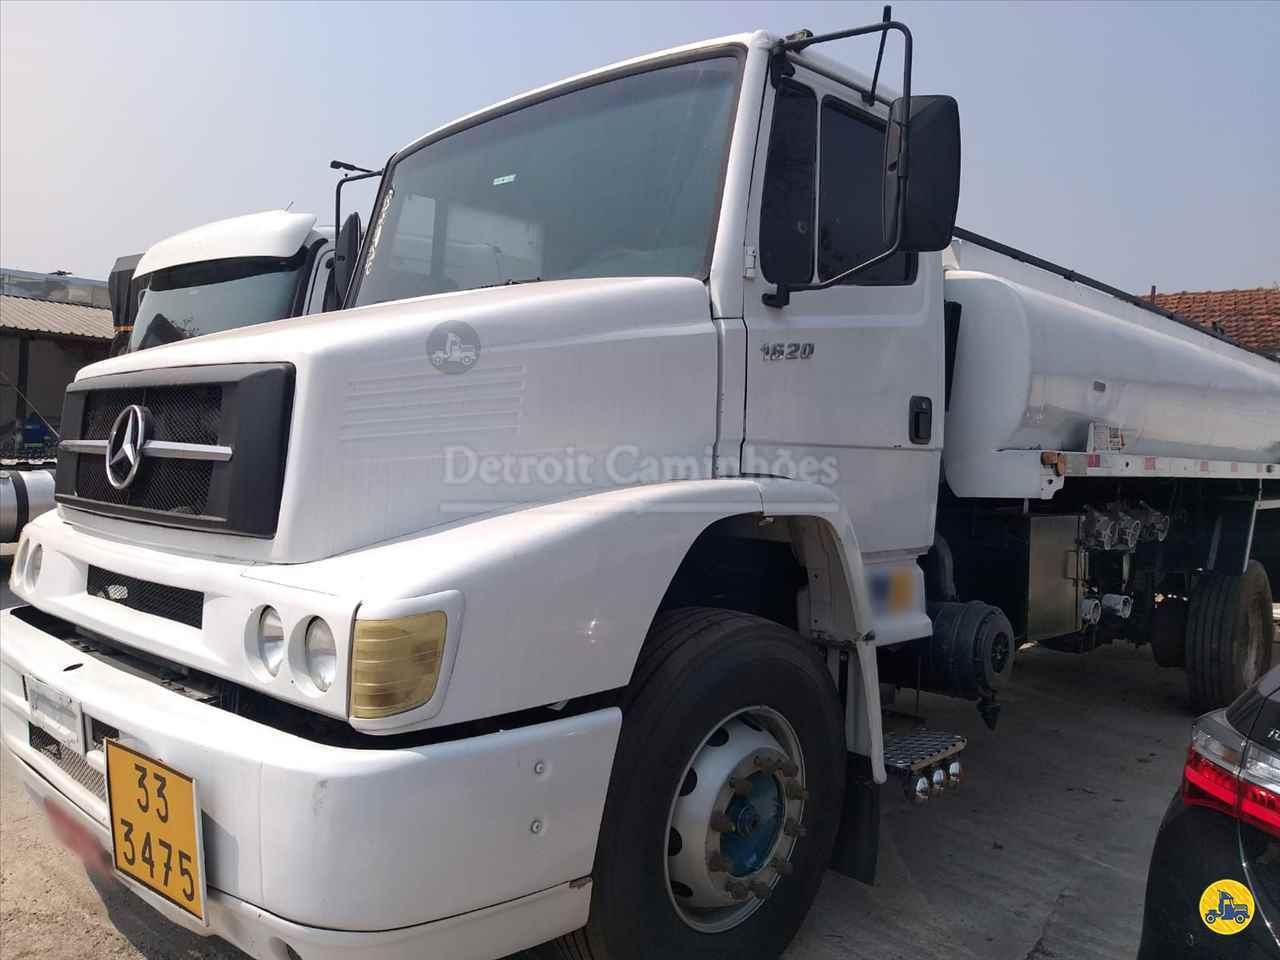 CAMINHAO MERCEDES-BENZ MB 1620 Chassis Truck 6x2 Detroit Caminhões SAO JOSE DOS CAMPOS SÃO PAULO SP